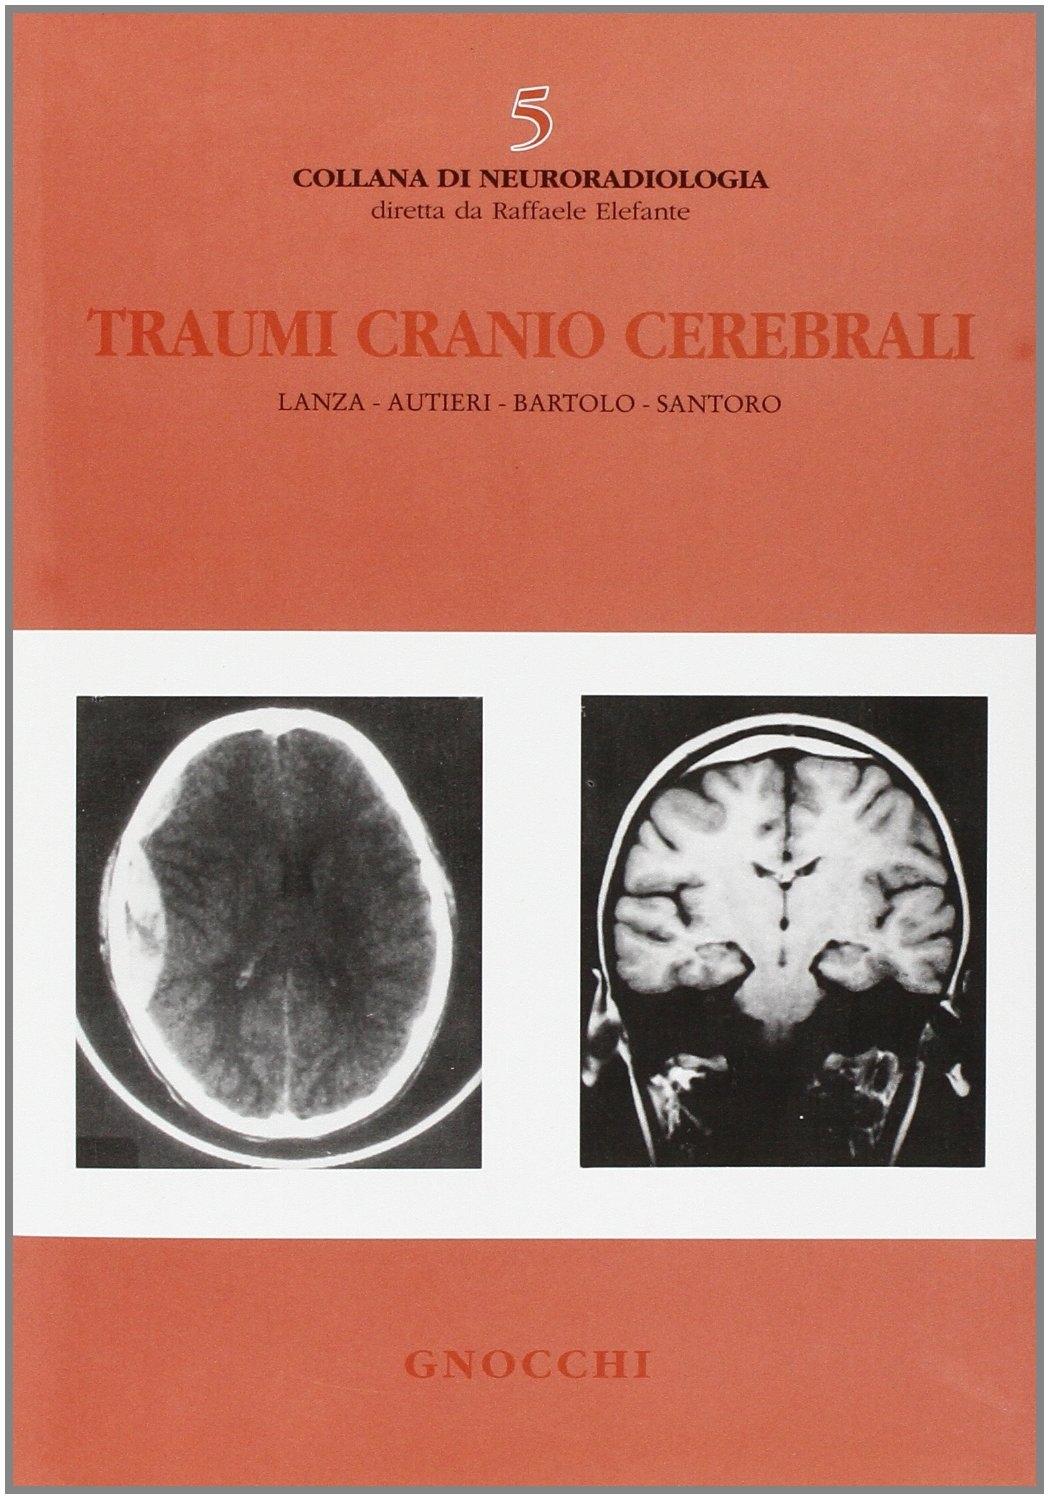 Traumi cranio cerebrali